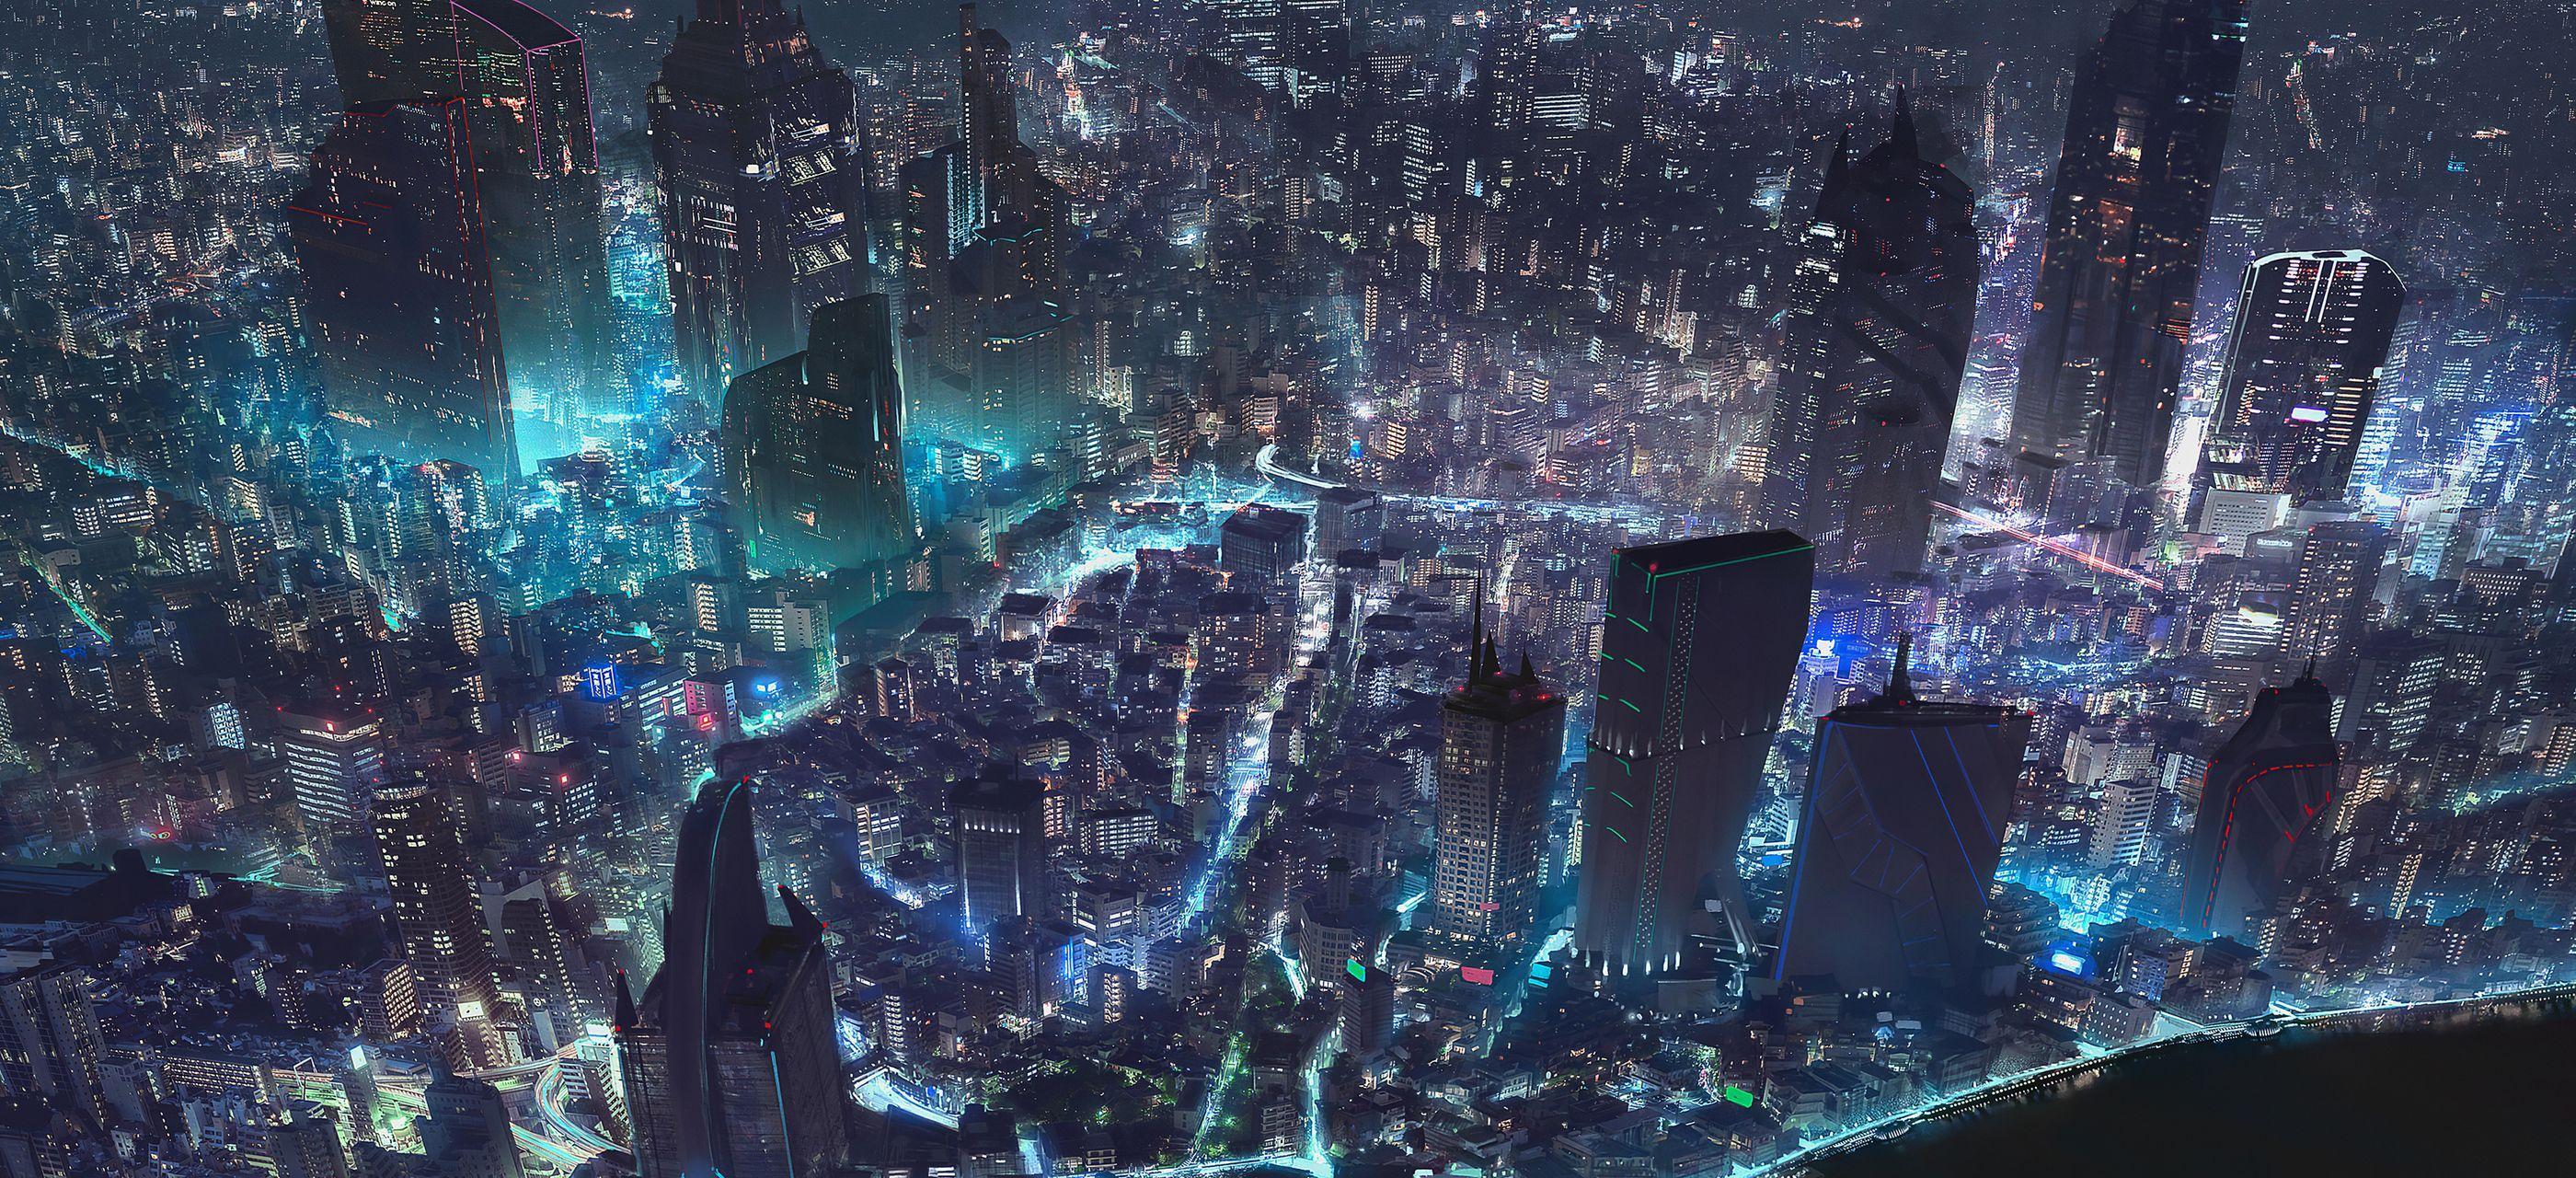 2800x1280 Bản đồ thế giới thành phố Cyberpunk 4k 2800x1280 Độ phân giải HD 4k